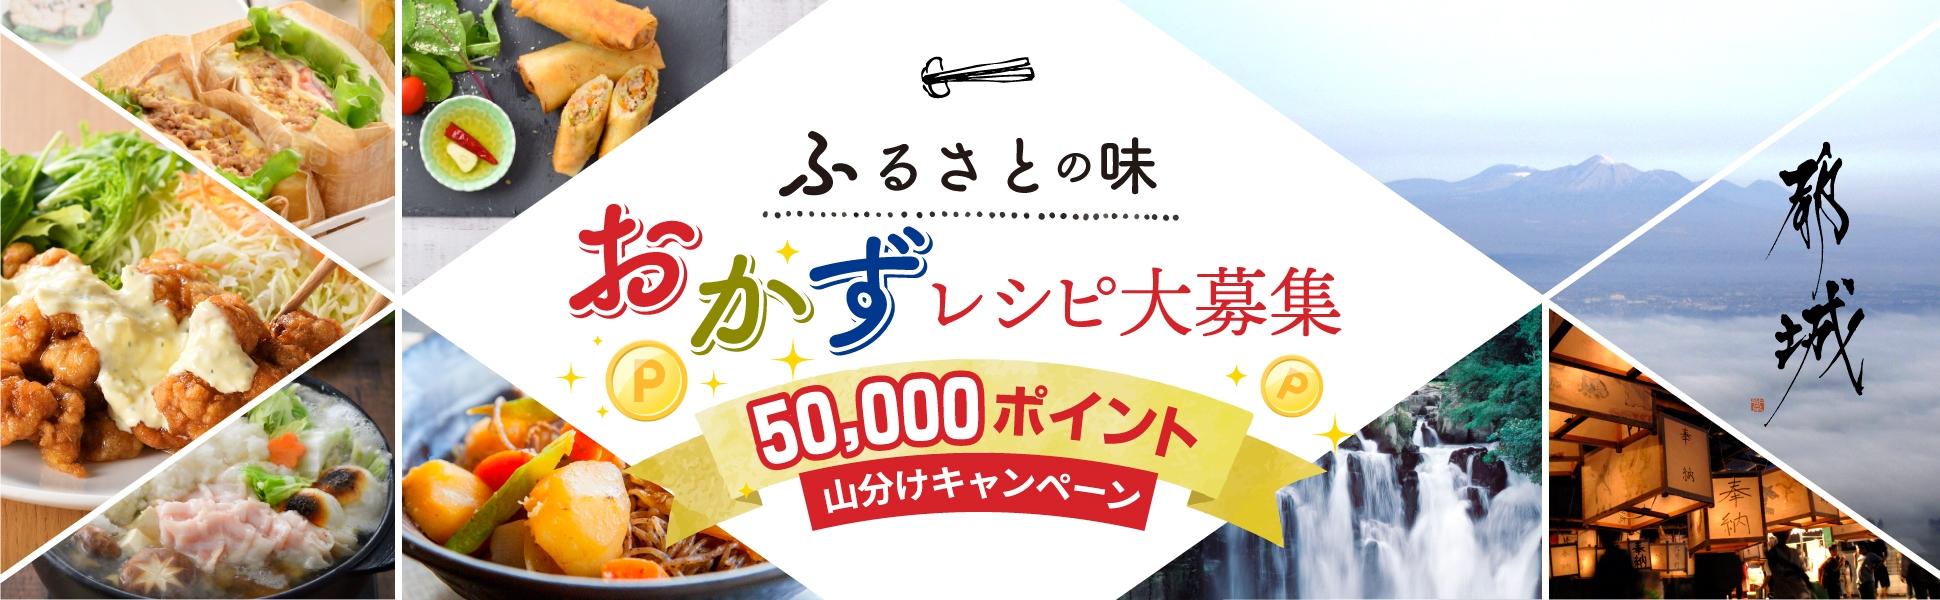 『ふるさとの味』おかずレシピで5万ポイント山分けキャンペーン☆